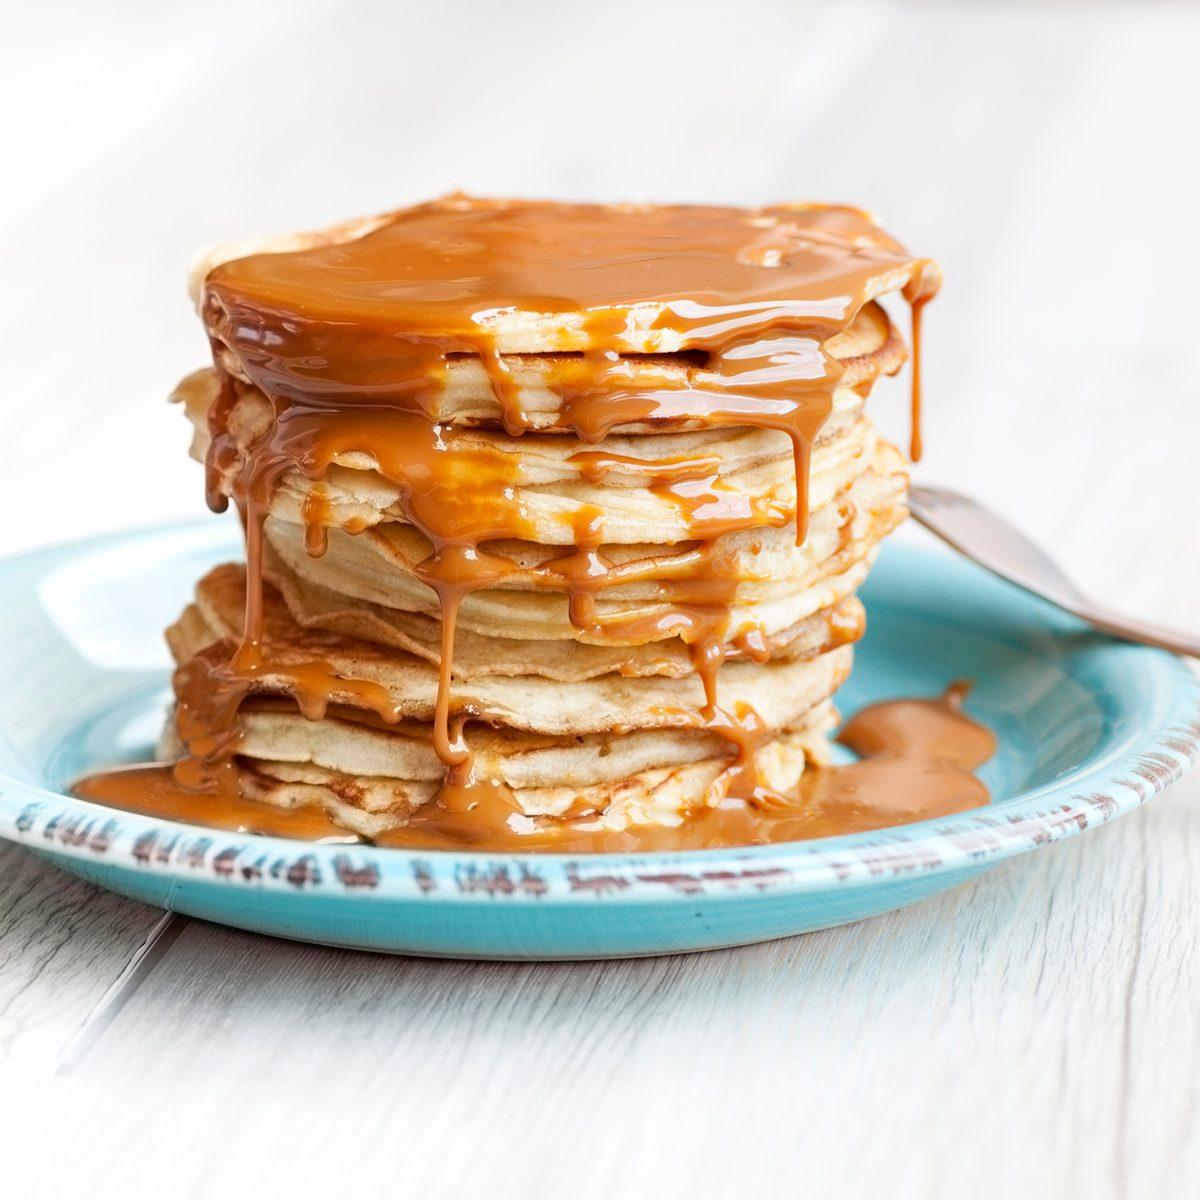 Pancakes with caramel sauce